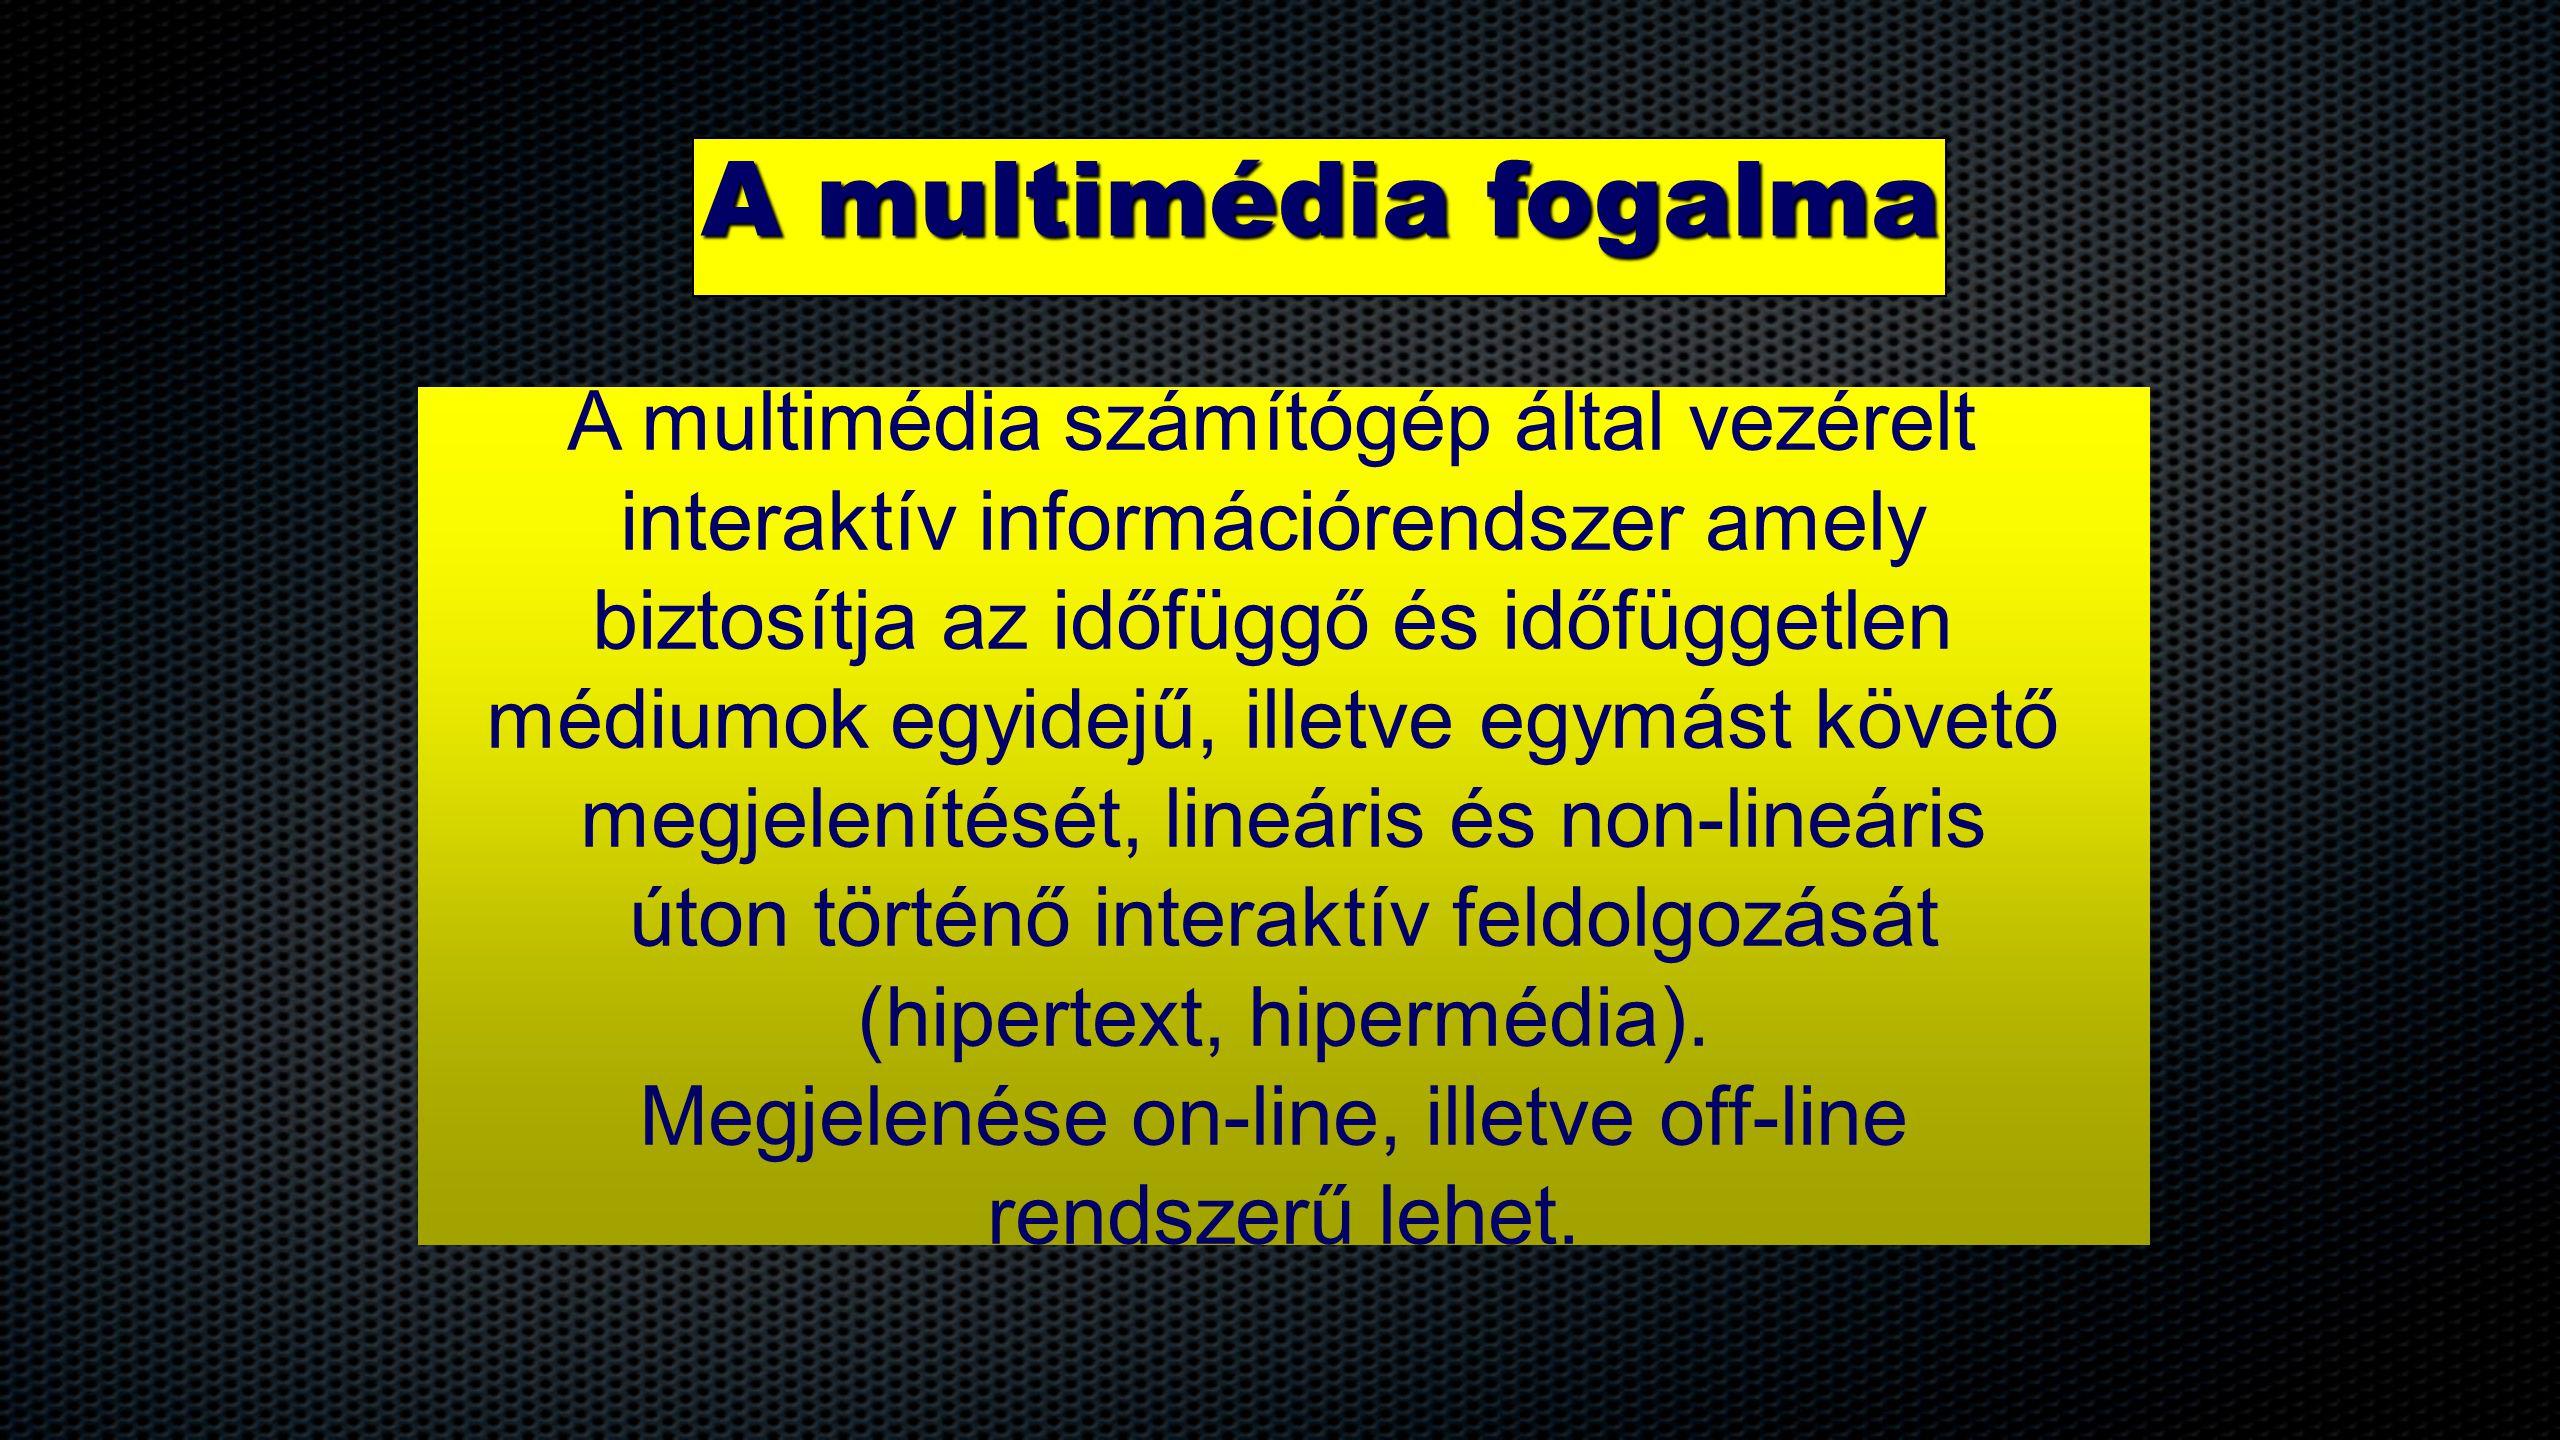 A multimédia fogalma A multimédia számítógép által vezérelt interaktív információrendszer amely biztosítja az időfüggő és időfüggetlen médiumok egyide